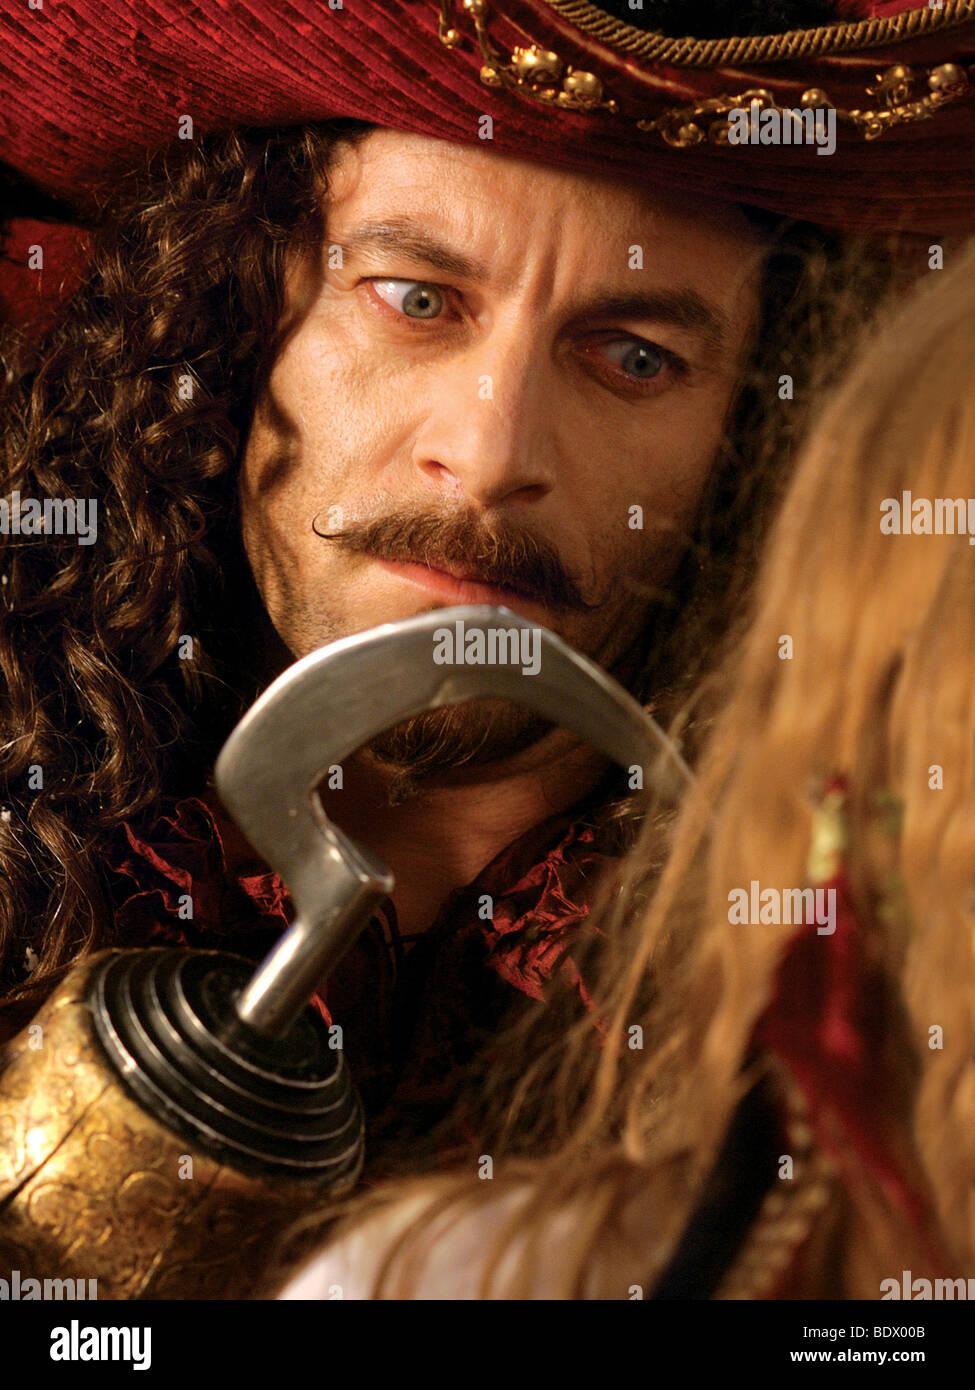 Download Film Peter Pan 2003